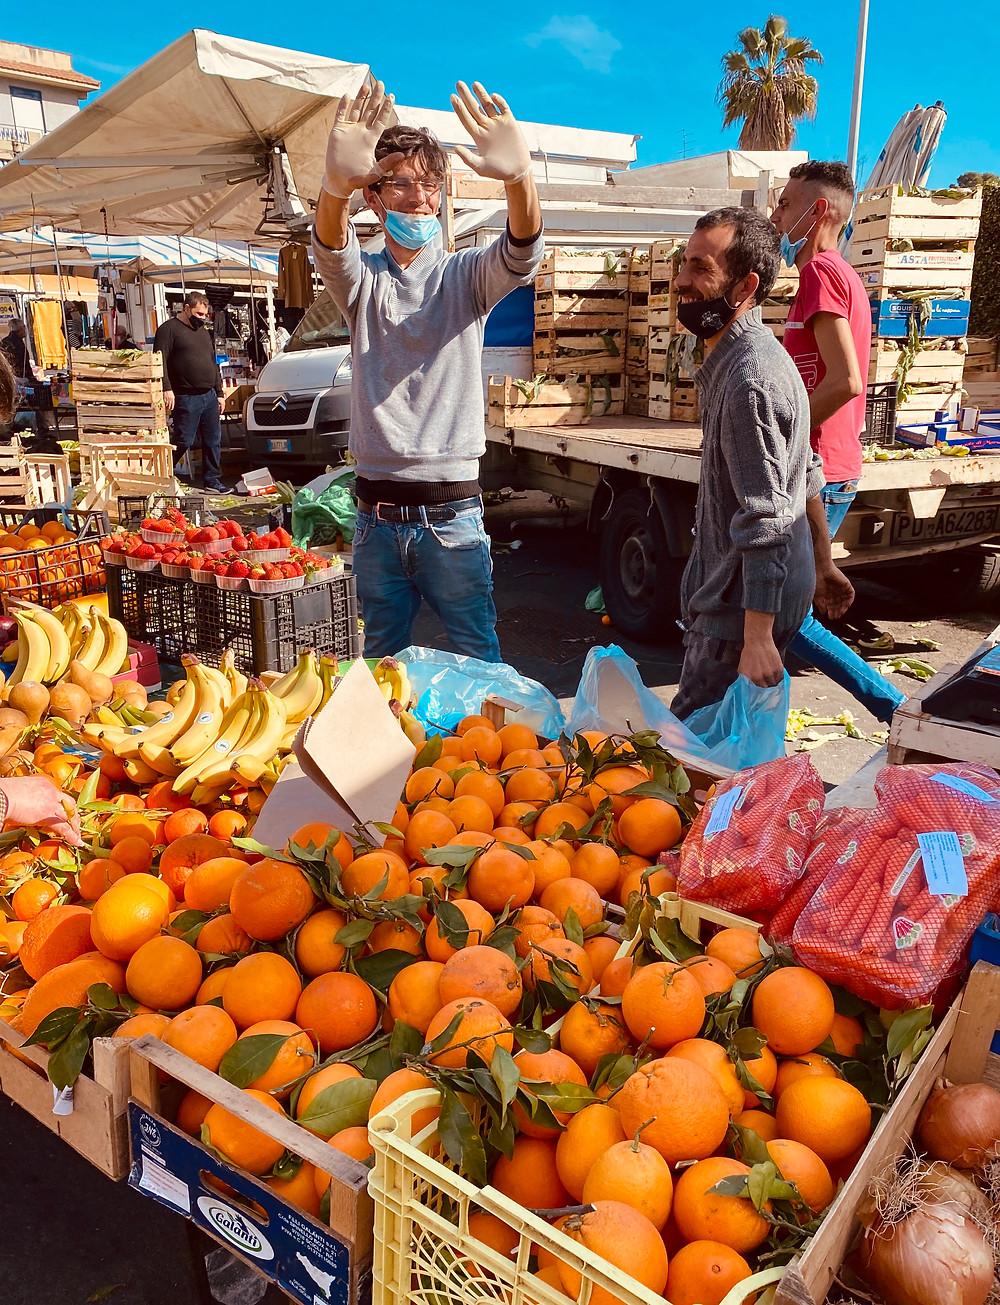 sicily-blood-oranges-catania-market